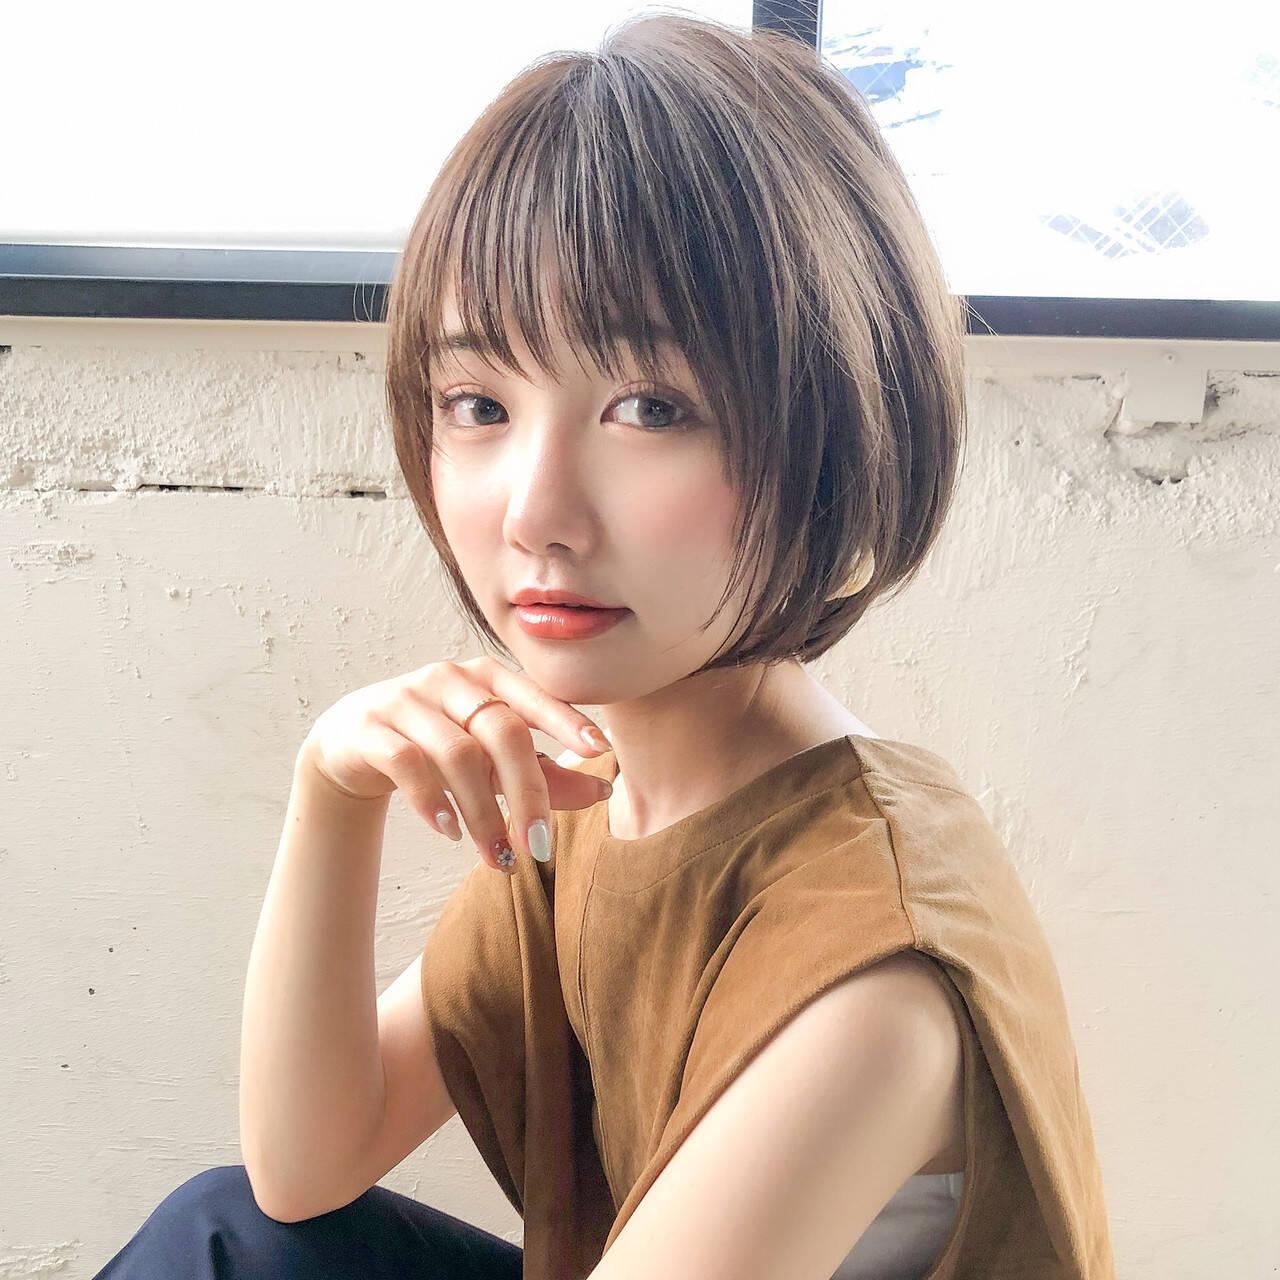 アンニュイほつれヘア 小顔ショート ナチュラル ボブヘアスタイルや髪型の写真・画像